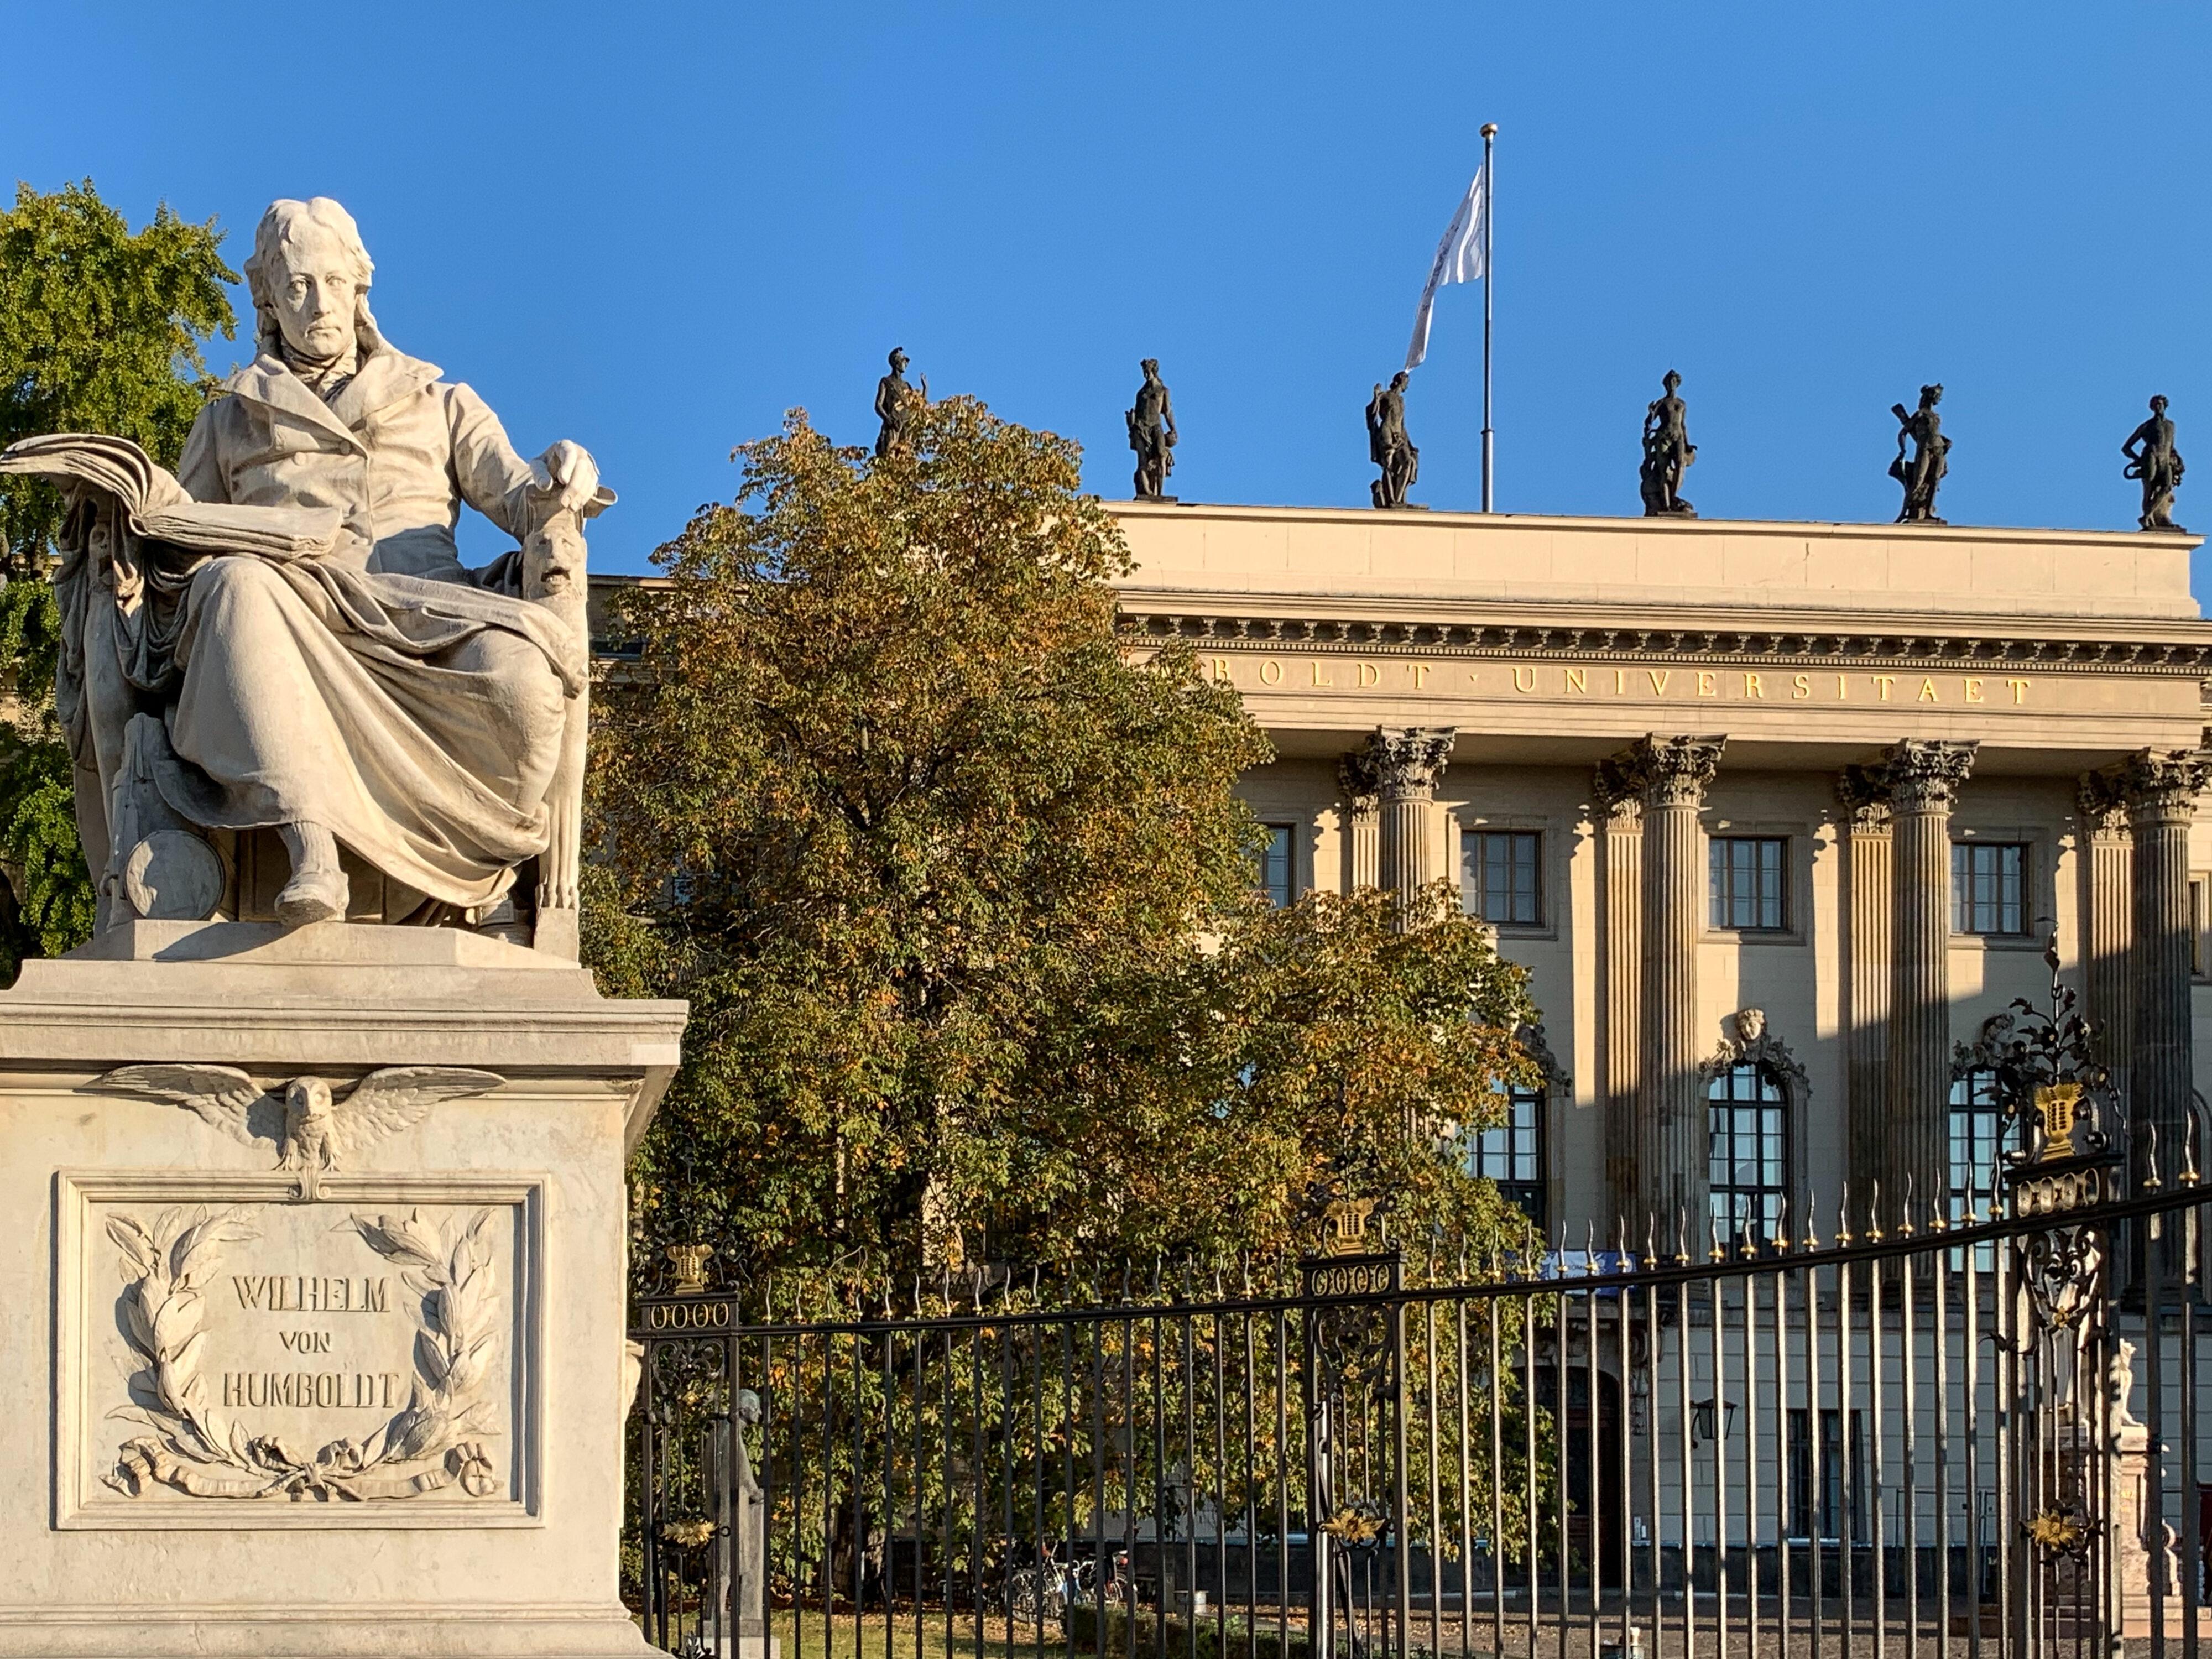 Ein Humboldt'scher Rundgang in Berlins Mitte Wilhelm v. H.